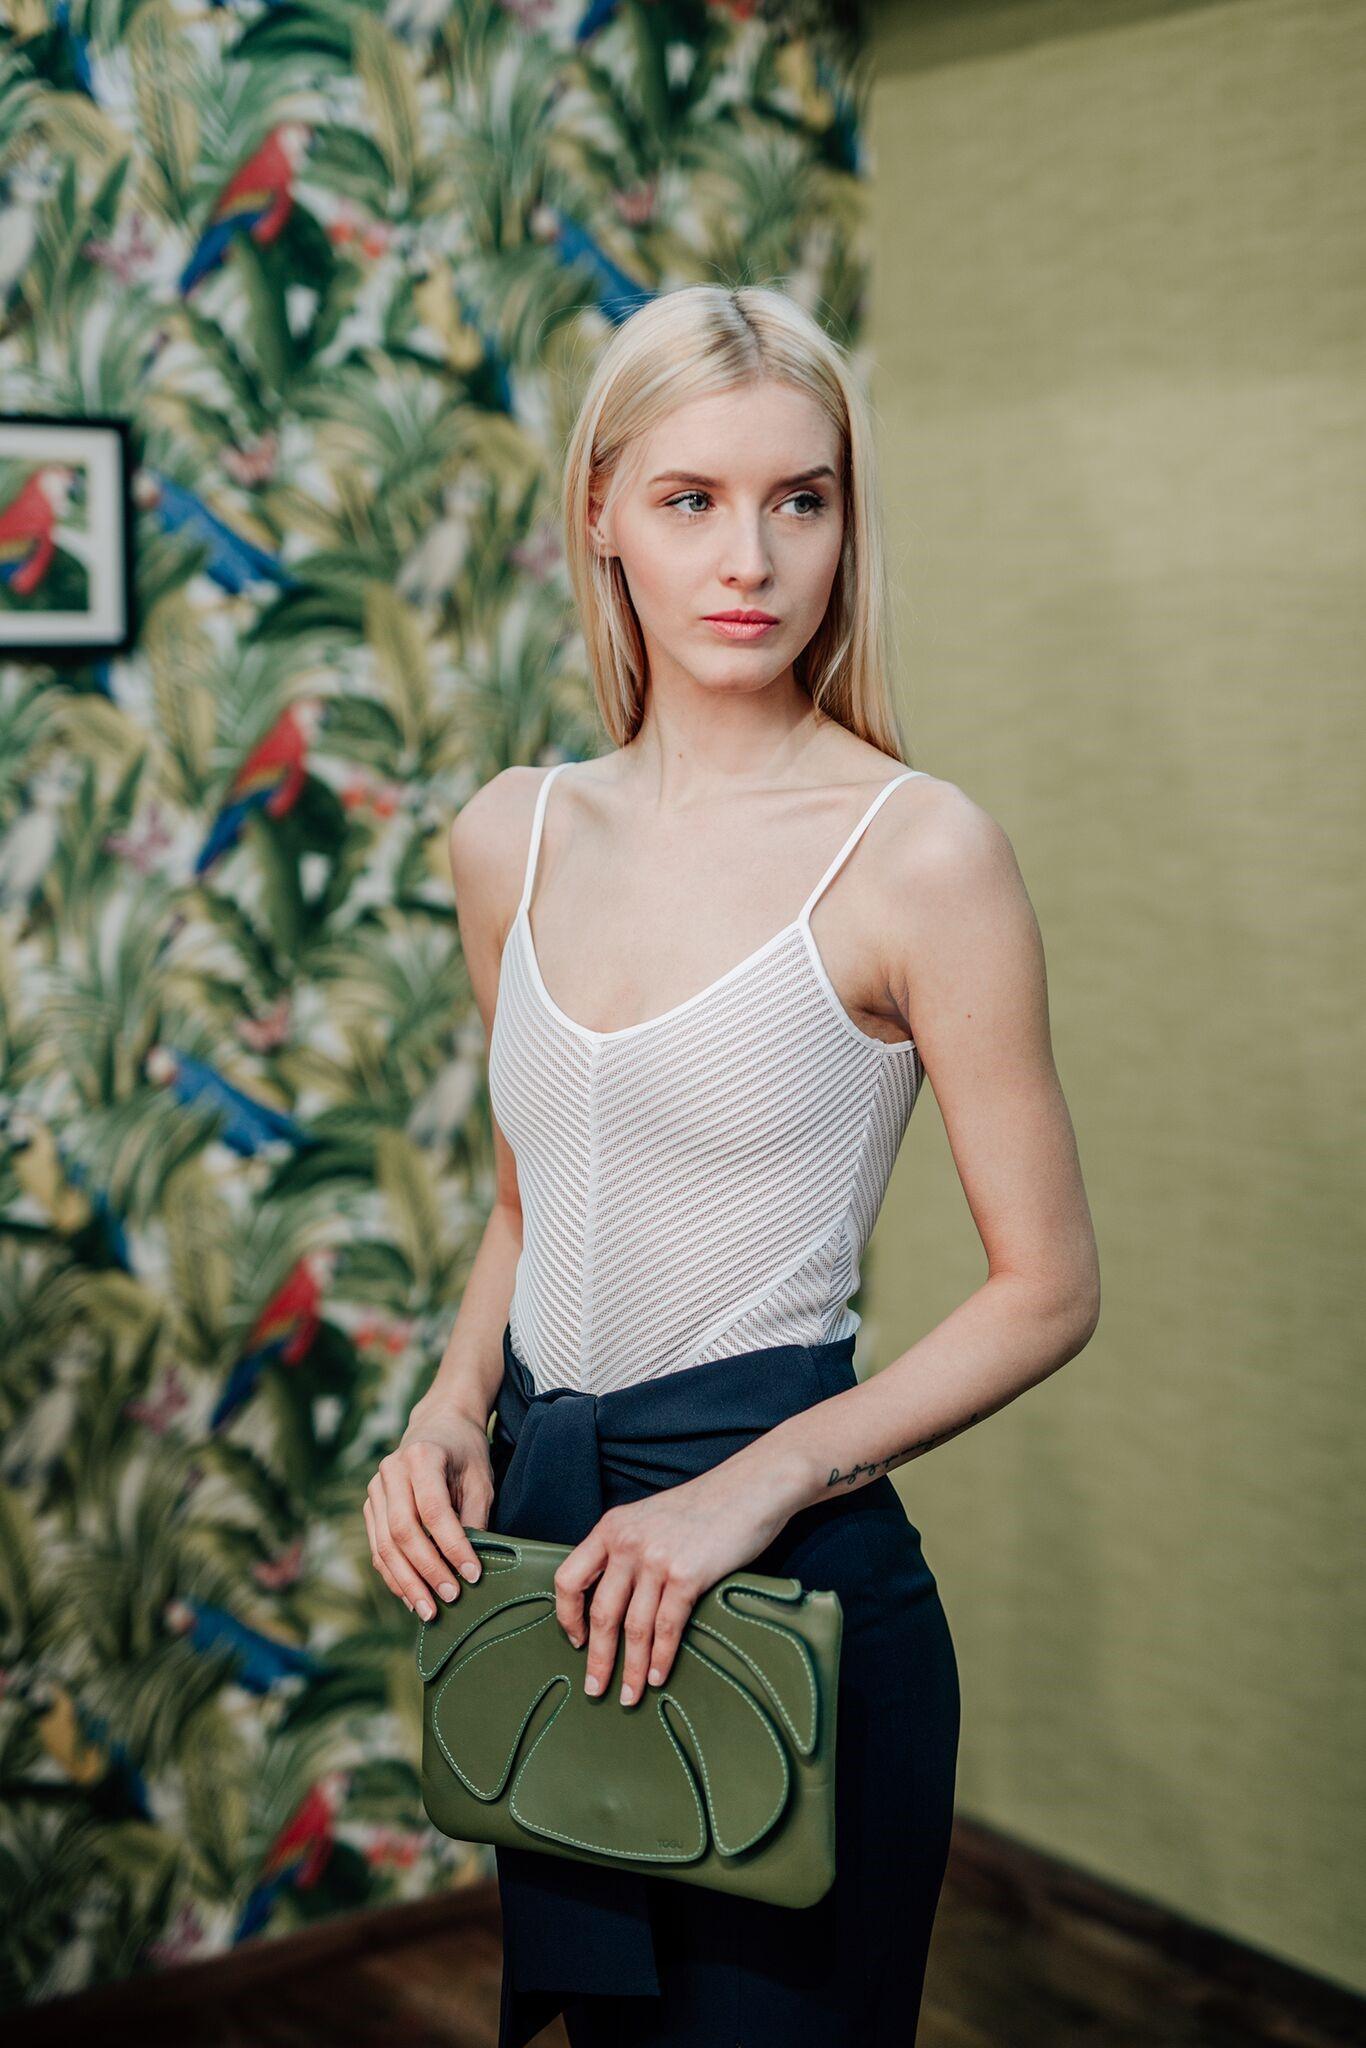 A KE Fashion a harmadik, aki megmutatja az új tavasz- nyári darabjait a közönségnek. KE-fashion, ahol minden ruhadarabban egyediség lakozik. Kovács Erika, a KE-fashion designer cég alapítója és tervezője már gyerekkorában tudta, divattal szeretne foglalkozni. A mára már saját márkát alapító ruhatervező a főváros szívében nyitotta meg szalonját 2015 szeptemberében. Magyar designerként fő profilja az alkalmi ruhák tervezése, de ugyanúgy találkozhatunk az általa kreált céges formaruhákkal hazai rendezvényeken vagy épp saját street style kollekciójával a budapesti utcákon.<br />A KE ruhák tervezése során kiemelt fontosságúnak tartja a vevőivel történő személyes kapcsolat kialakítását, és azt, hogy a megálmodott ruha a megrendelő személyiségével egységes stílust alkosson. Jellemző rá, hogy nem szeret pár darabnál többet gyártani egy adott ruhából, ezzel is hűen képviselve a teljes egyediséget. Imádja a színeket, a formákat, a virágokat, a tüllt és csipkét minden mennyiségben. Ruhái által inkább az egyszerű eleganciát képviseli, kevesebb, de annál aprólékosabb díszítéssel.<br />2017 januárjától Kovács Erika designer cége két fővel bővült, elősegítve a folyamatos növekedési lehetőségek kiaknázását, a külföldi terjeszkedést, valamint idegen tőke bevonását is. Webshopja 2017 nyarán nyílik, így ruháit hamarosan online is megvásárolhatjátok. <br />A KE-fashion 2017-es tavaszi/nyári kollekcióját üde és friss színek, különleges limitált anyagok jellemzik. Nagy szerepet kapott a kollekcióban az idei év színe, a greenery,<br />valamint a pálmaminta használata, a visszatatérő motívumként megjelenő barack és dusty pink is. Kényelmes, mégis nőies darabok. Viseletük azoknak a hölgyeknek ajánlott, akik a legújabb trendek szerint öltözködnének, de szeretnének egyediséget csempészni mindennapjaikba. A kollekció egyes darabjai a Hajós utca 19. szám alatti szalonban márciustól megvásárolhatók.<br /><br />További információ:<br />hello@kefashion.hu<br />www.kefashion.hu<br />https://www.fac